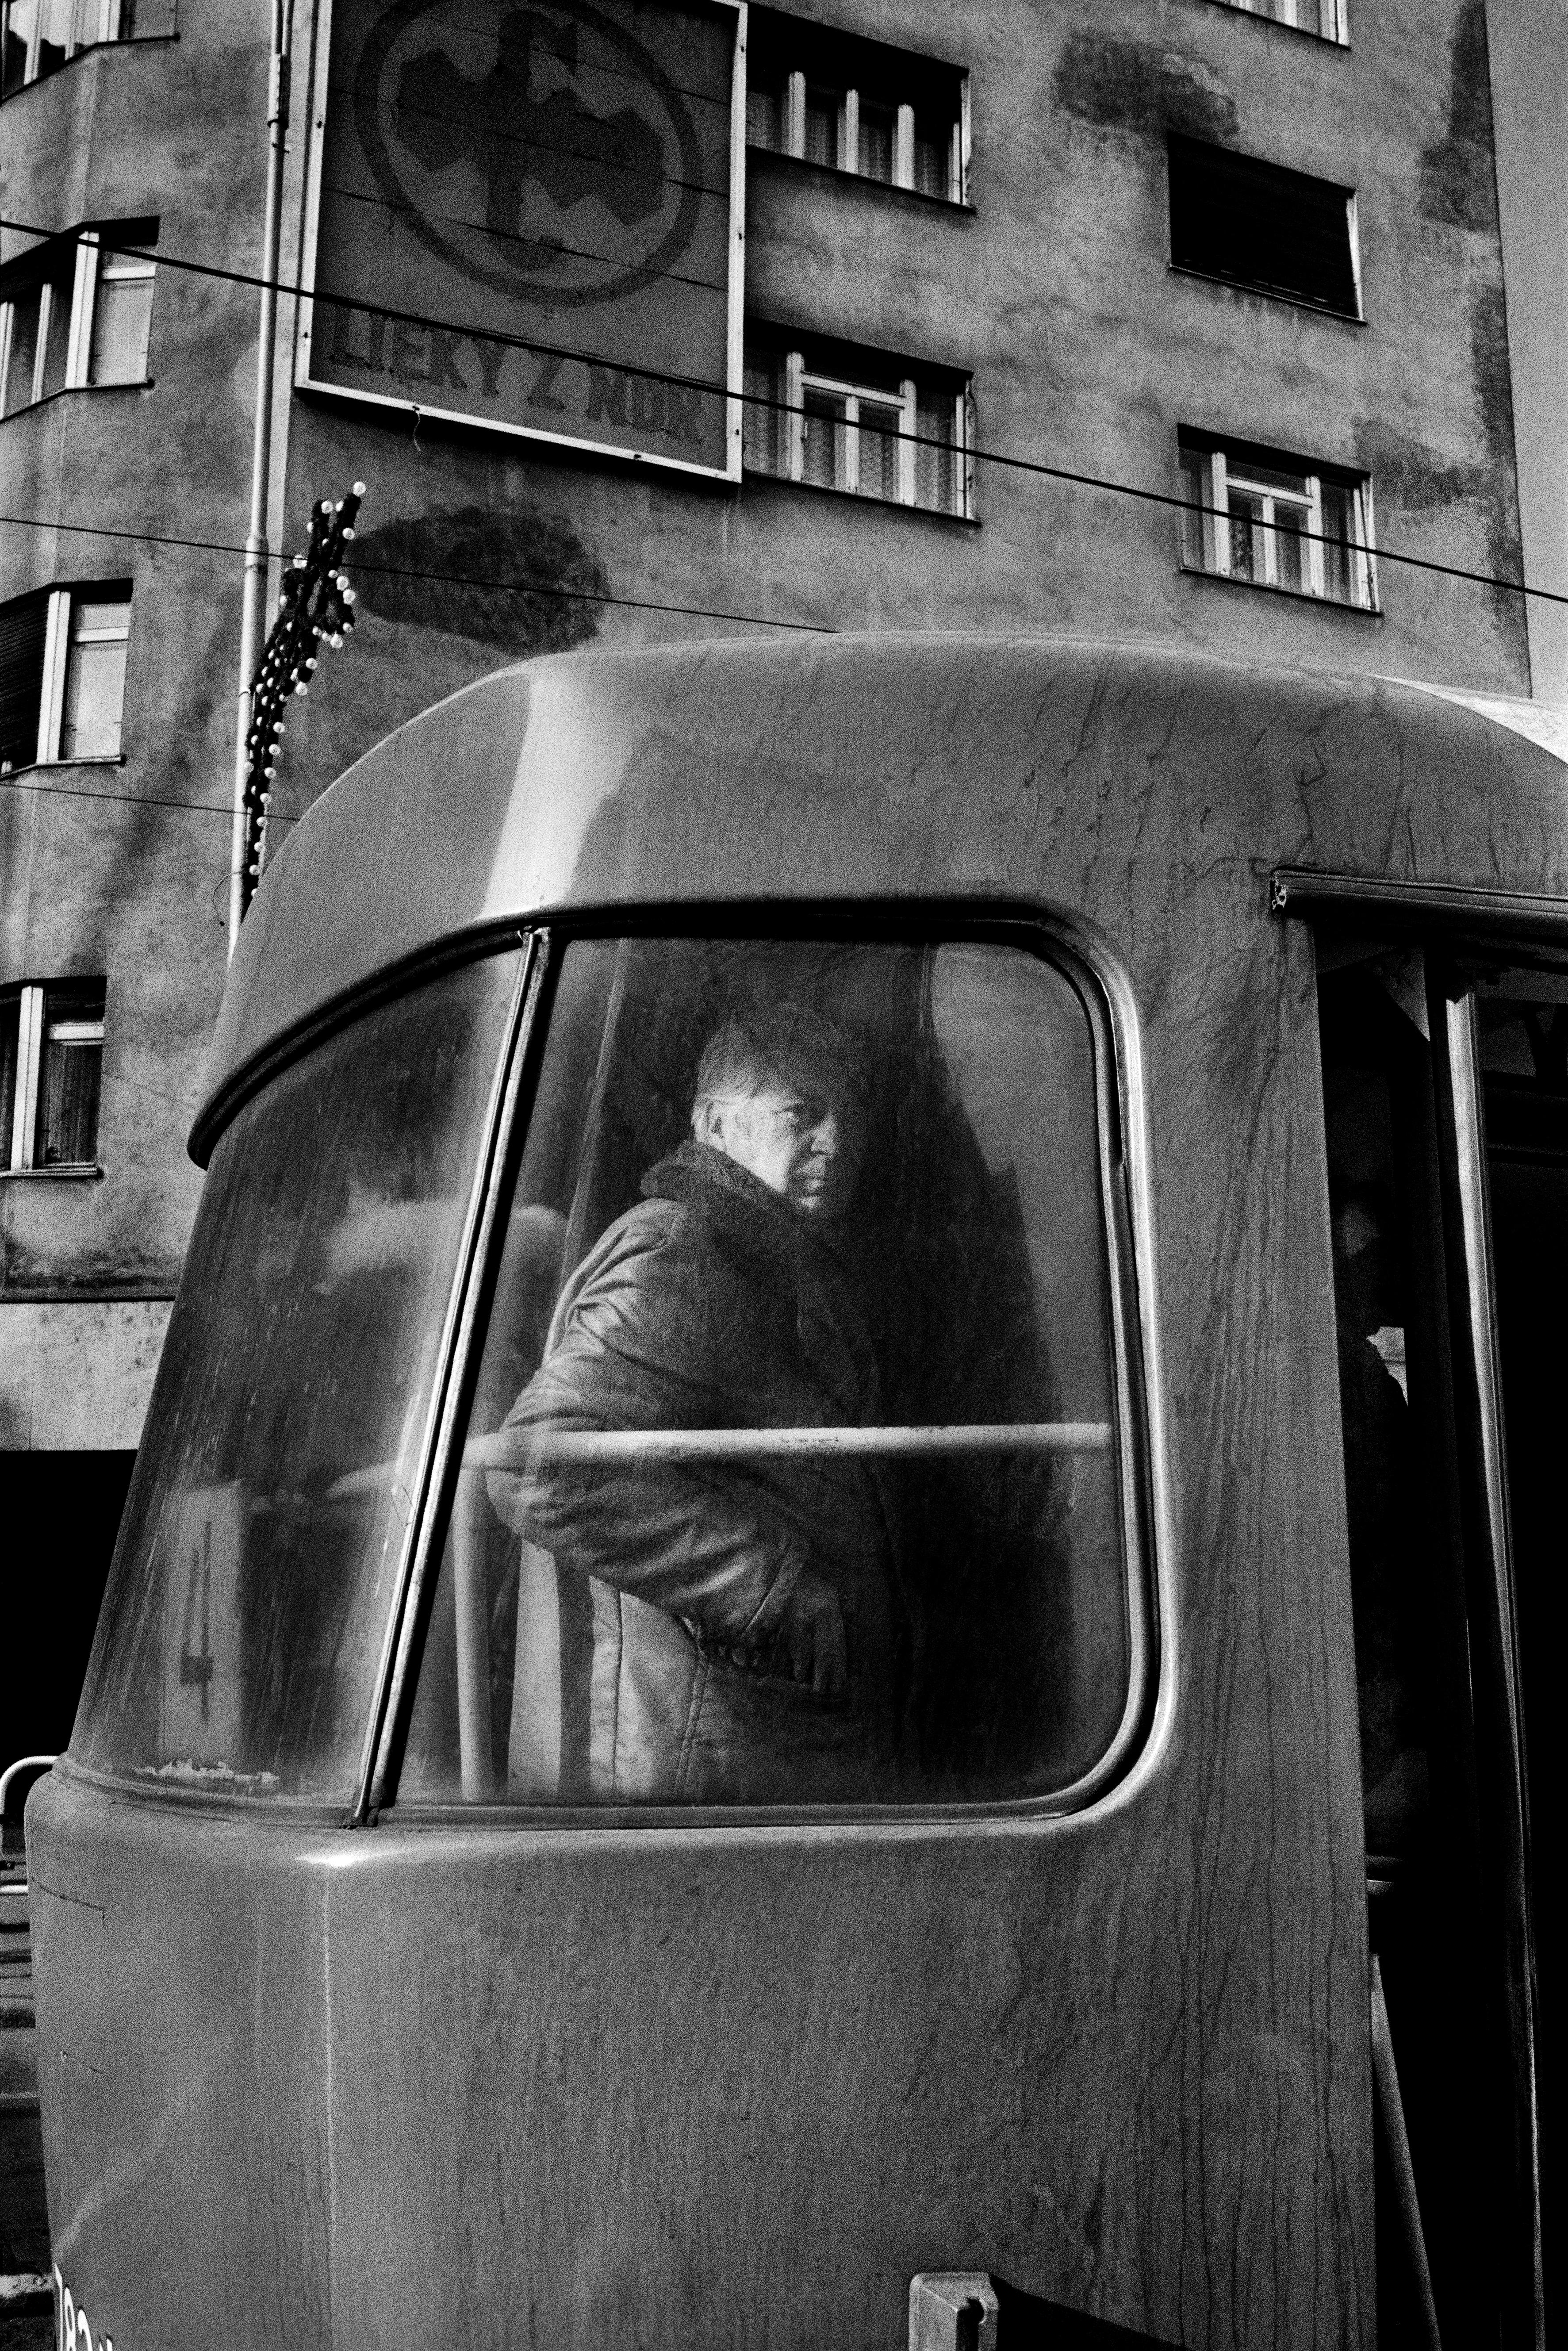 CZECHOSLOVAKIA 1992